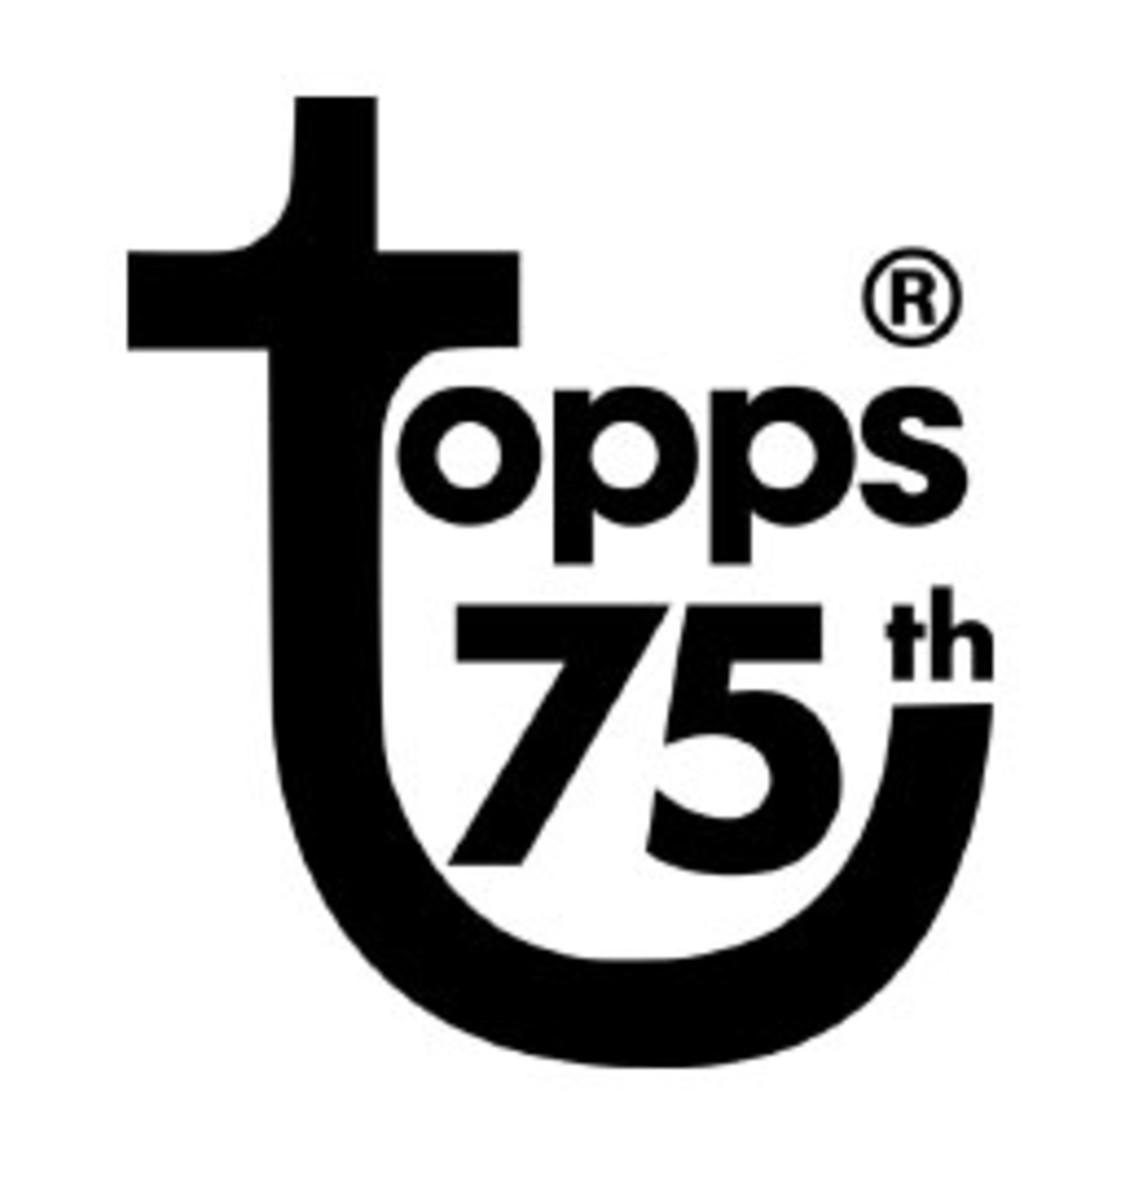 Topps75thlogo